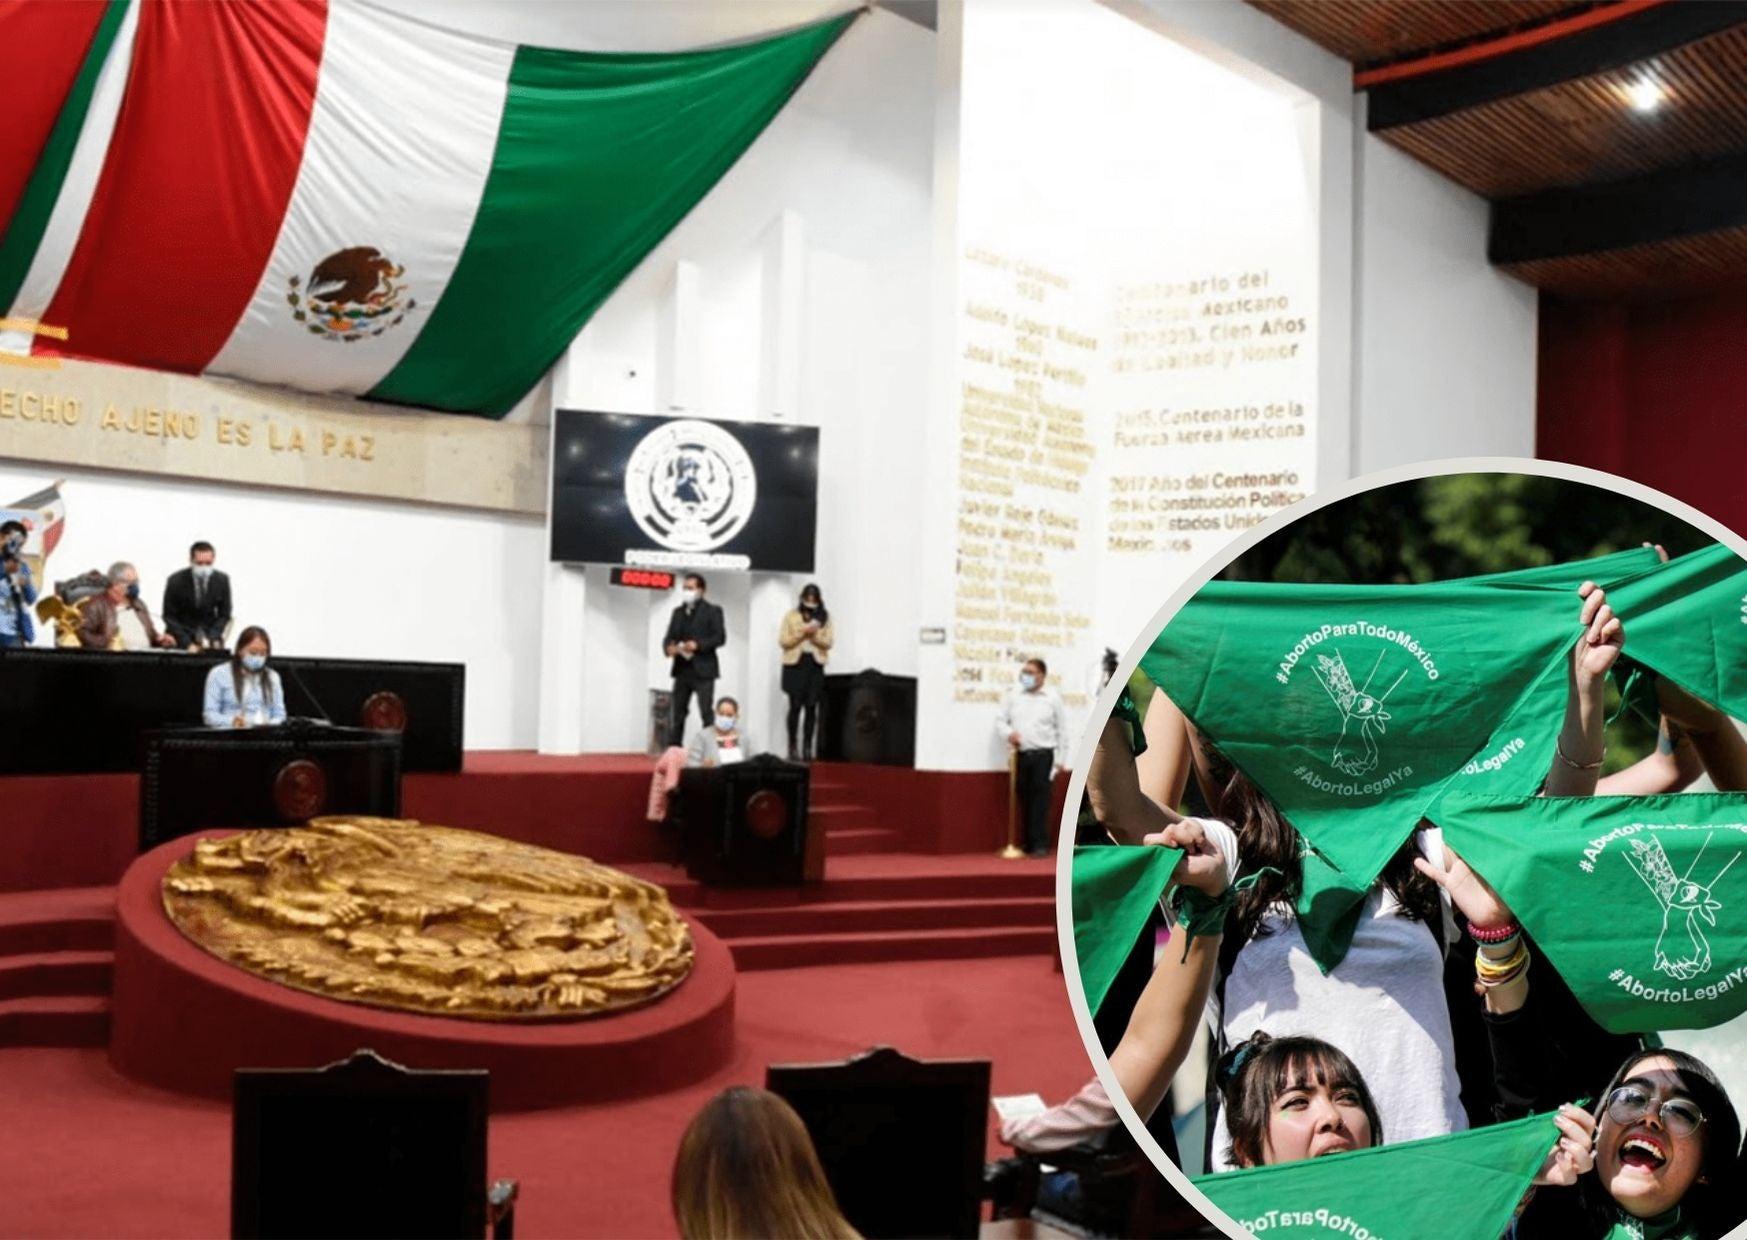 Hidalgo legalización del aborto